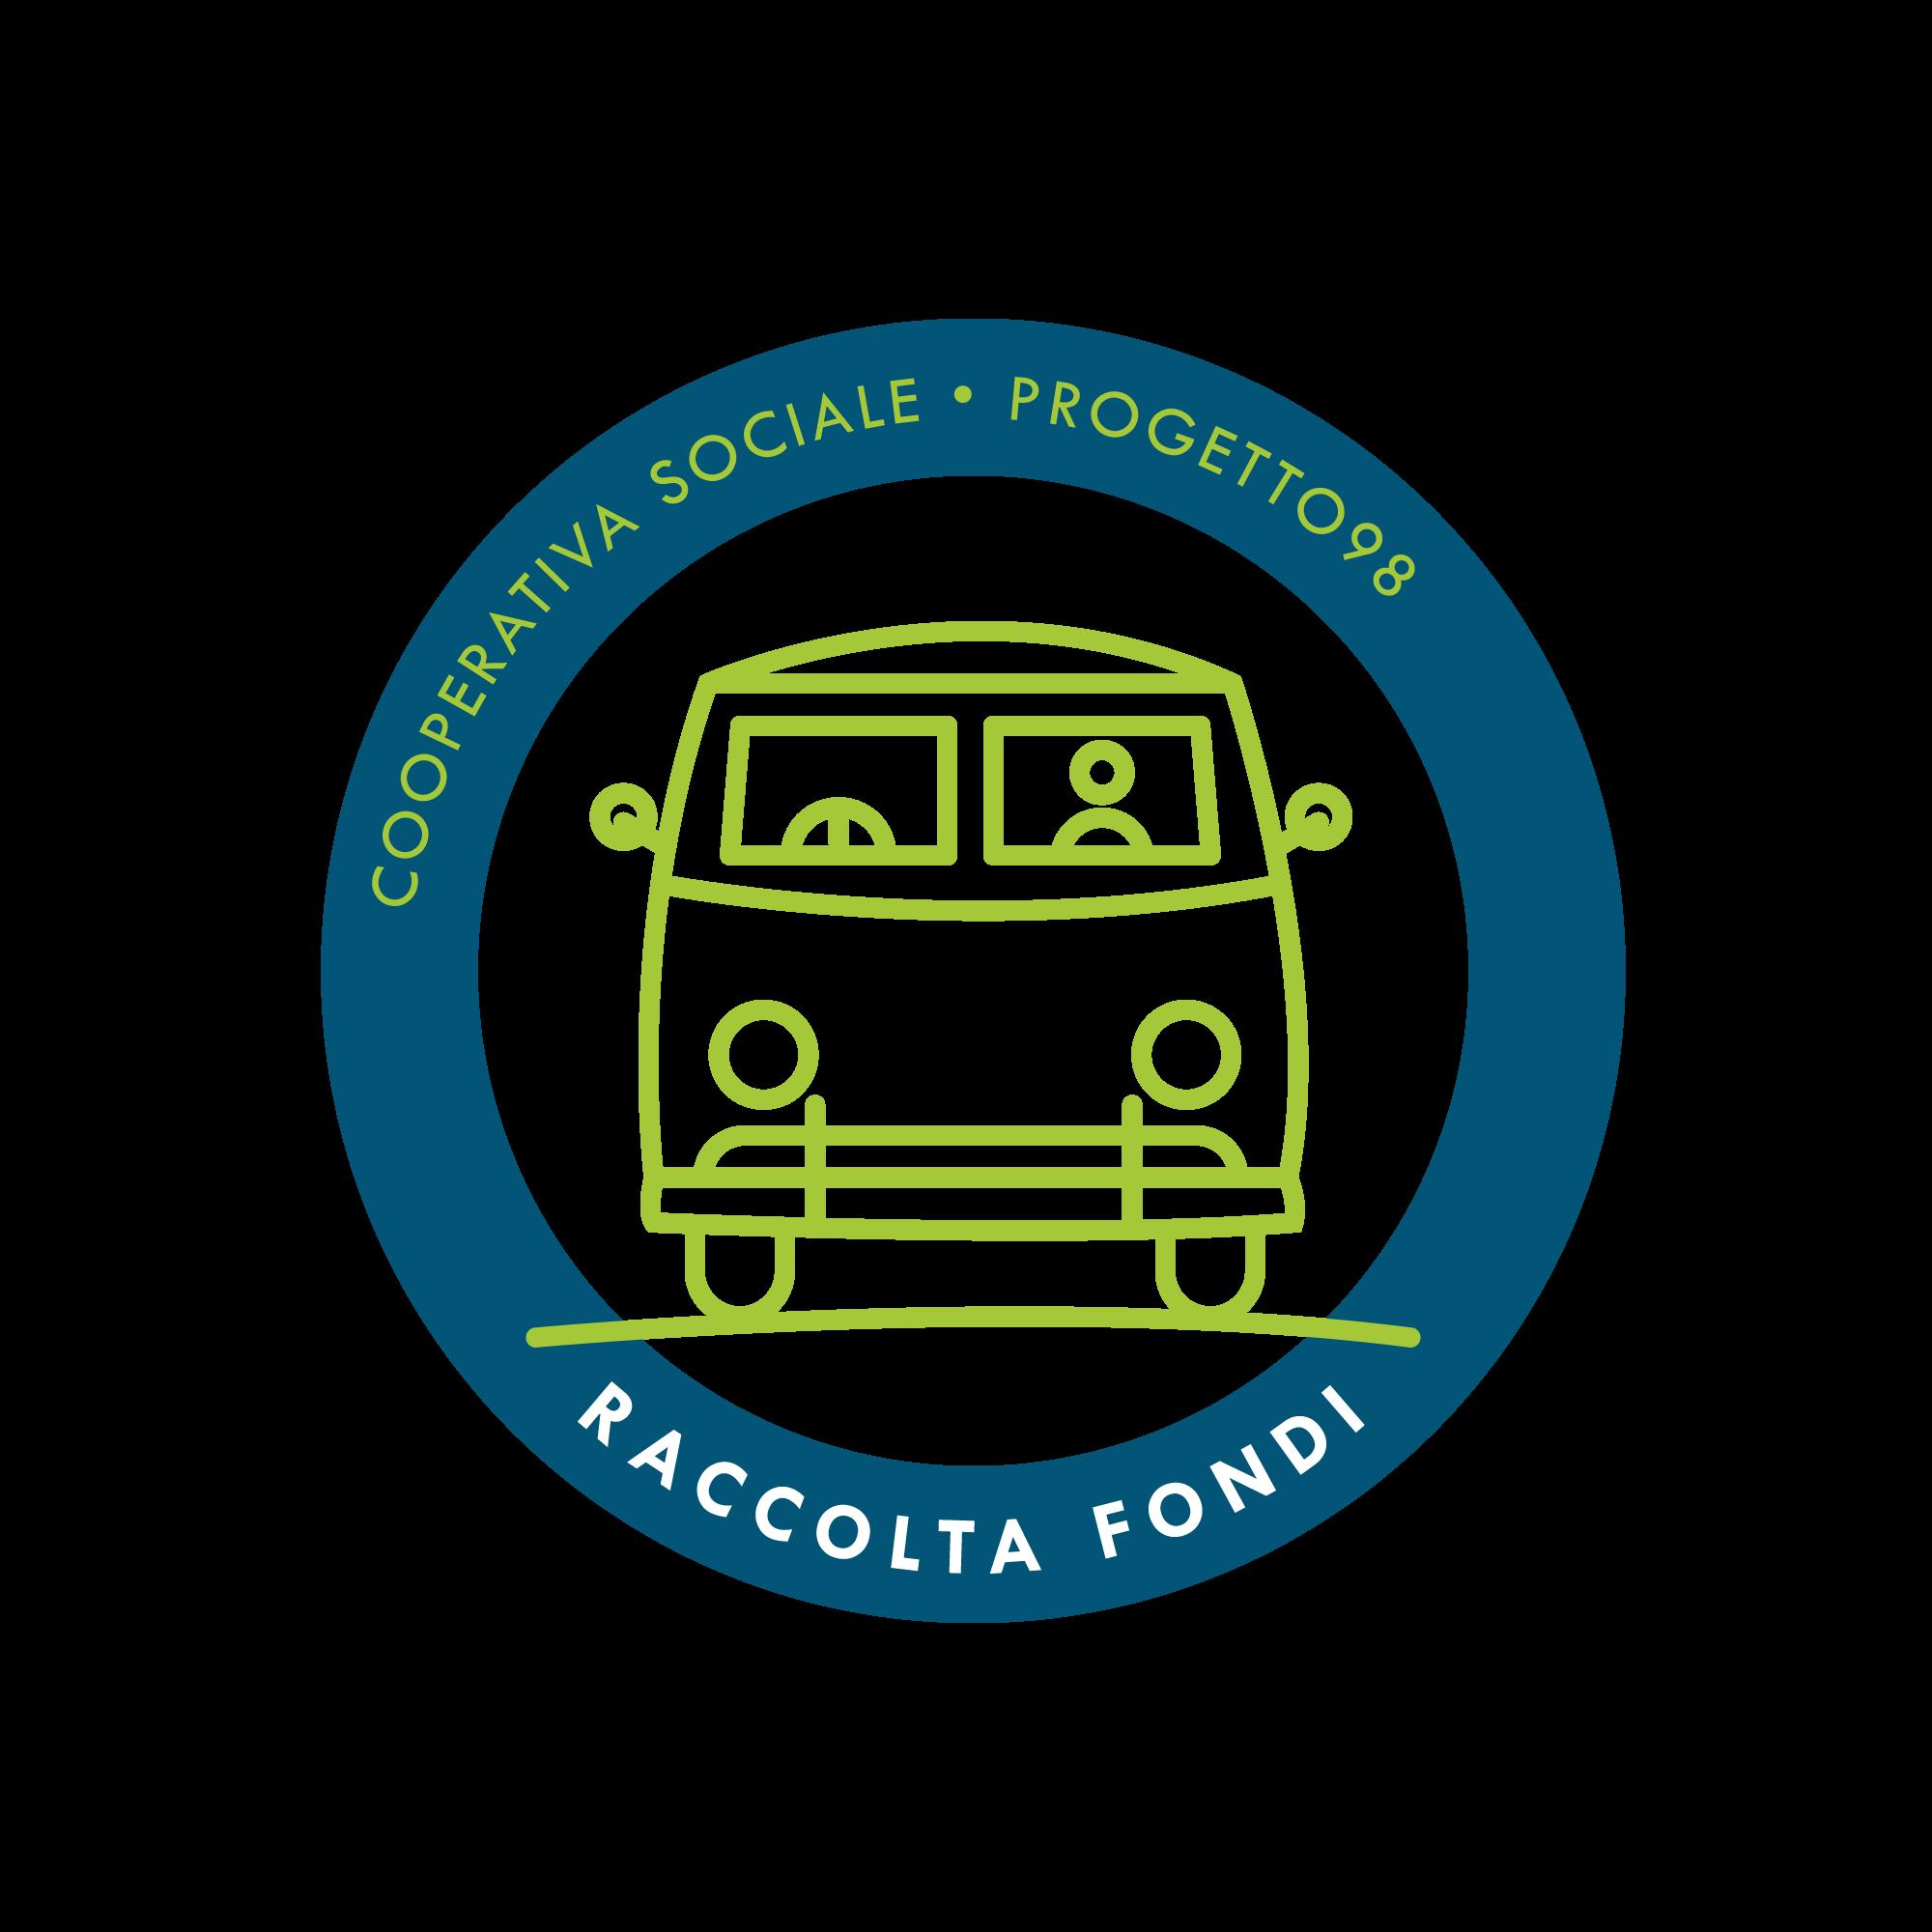 raccolta fondi 2019 2020 per acquisto furgone 9 posti nuovo